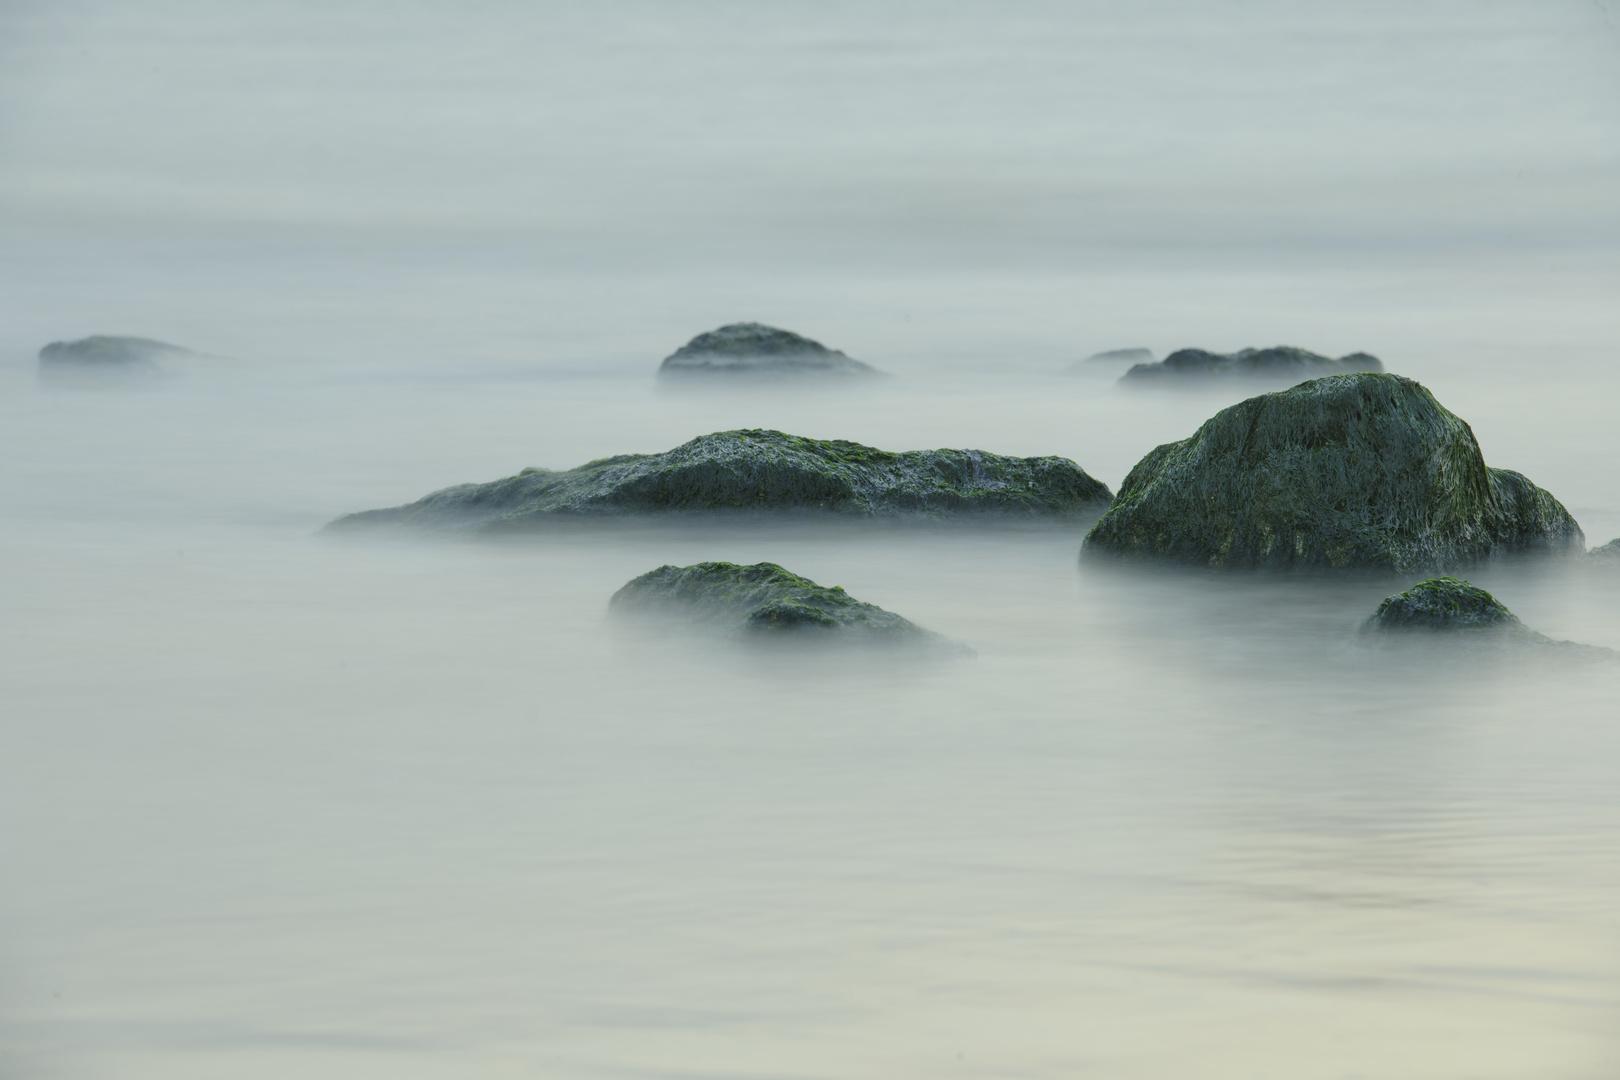 Am Strand von Zoutelande